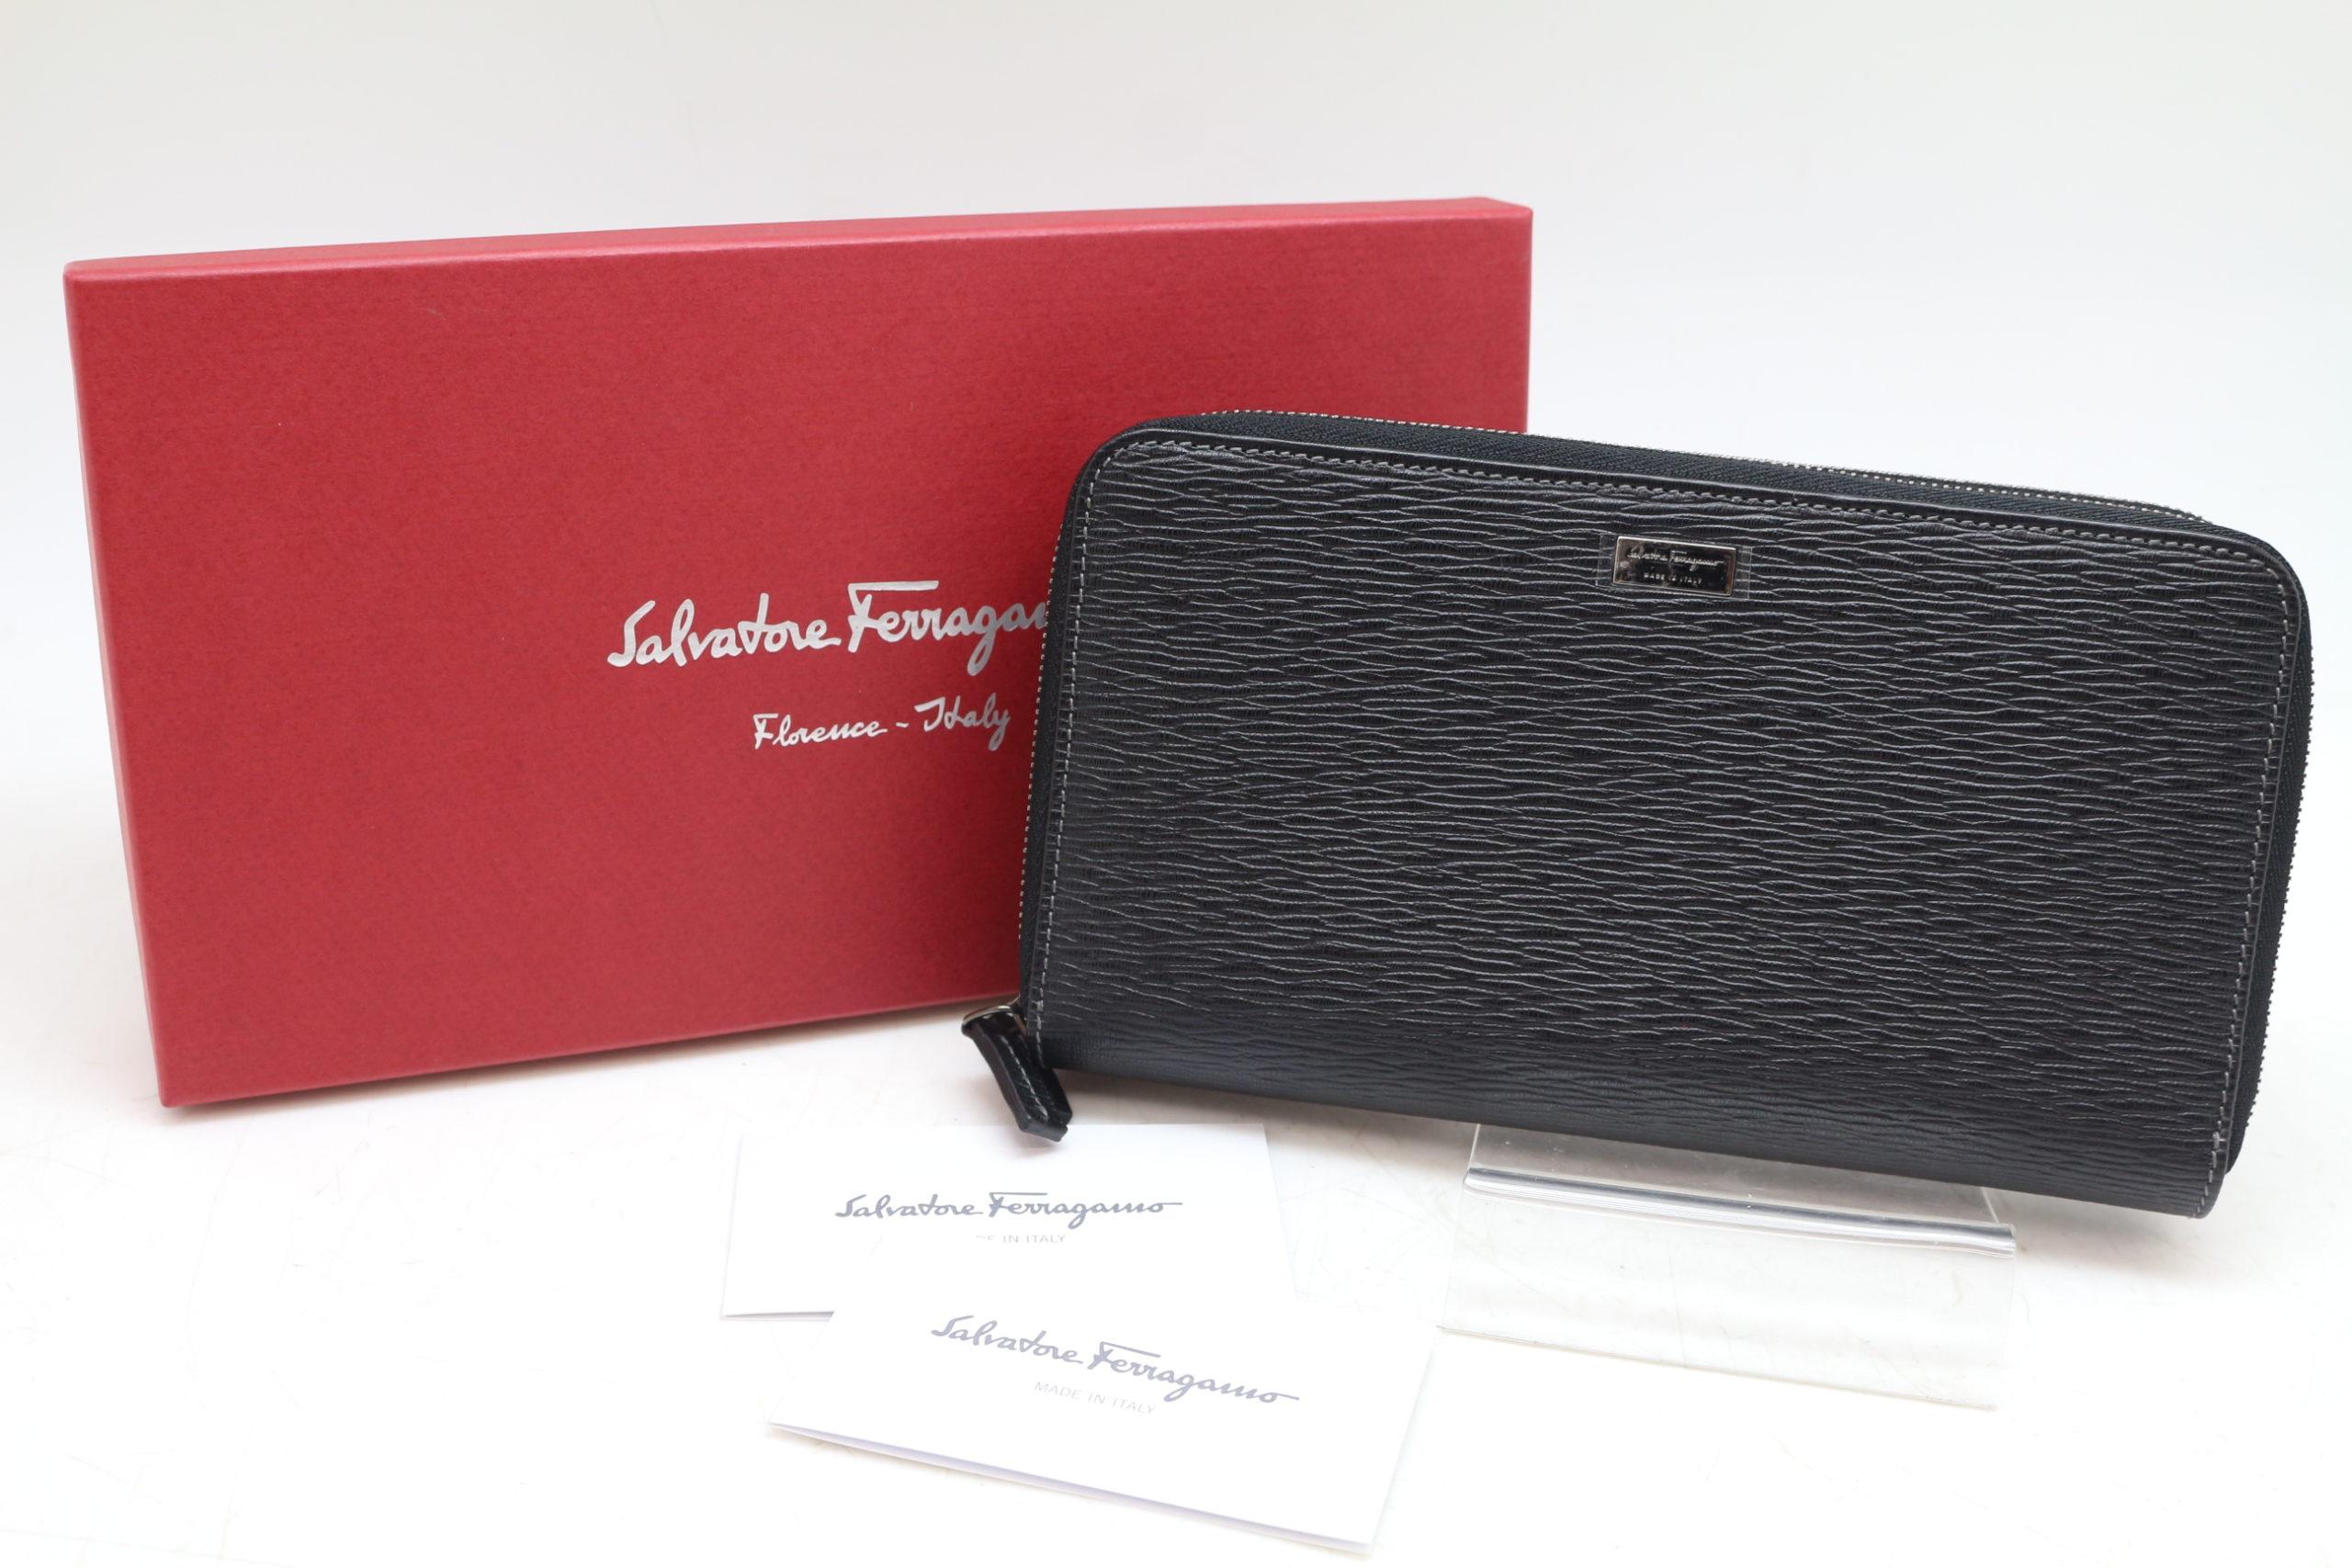 Salvatore Ferragamo/サルバトーレ フェラガモ 249540 Wファスナー 長財布 ブラック ダブル ラウンドファスナーを買取させて頂きました!!の買取-